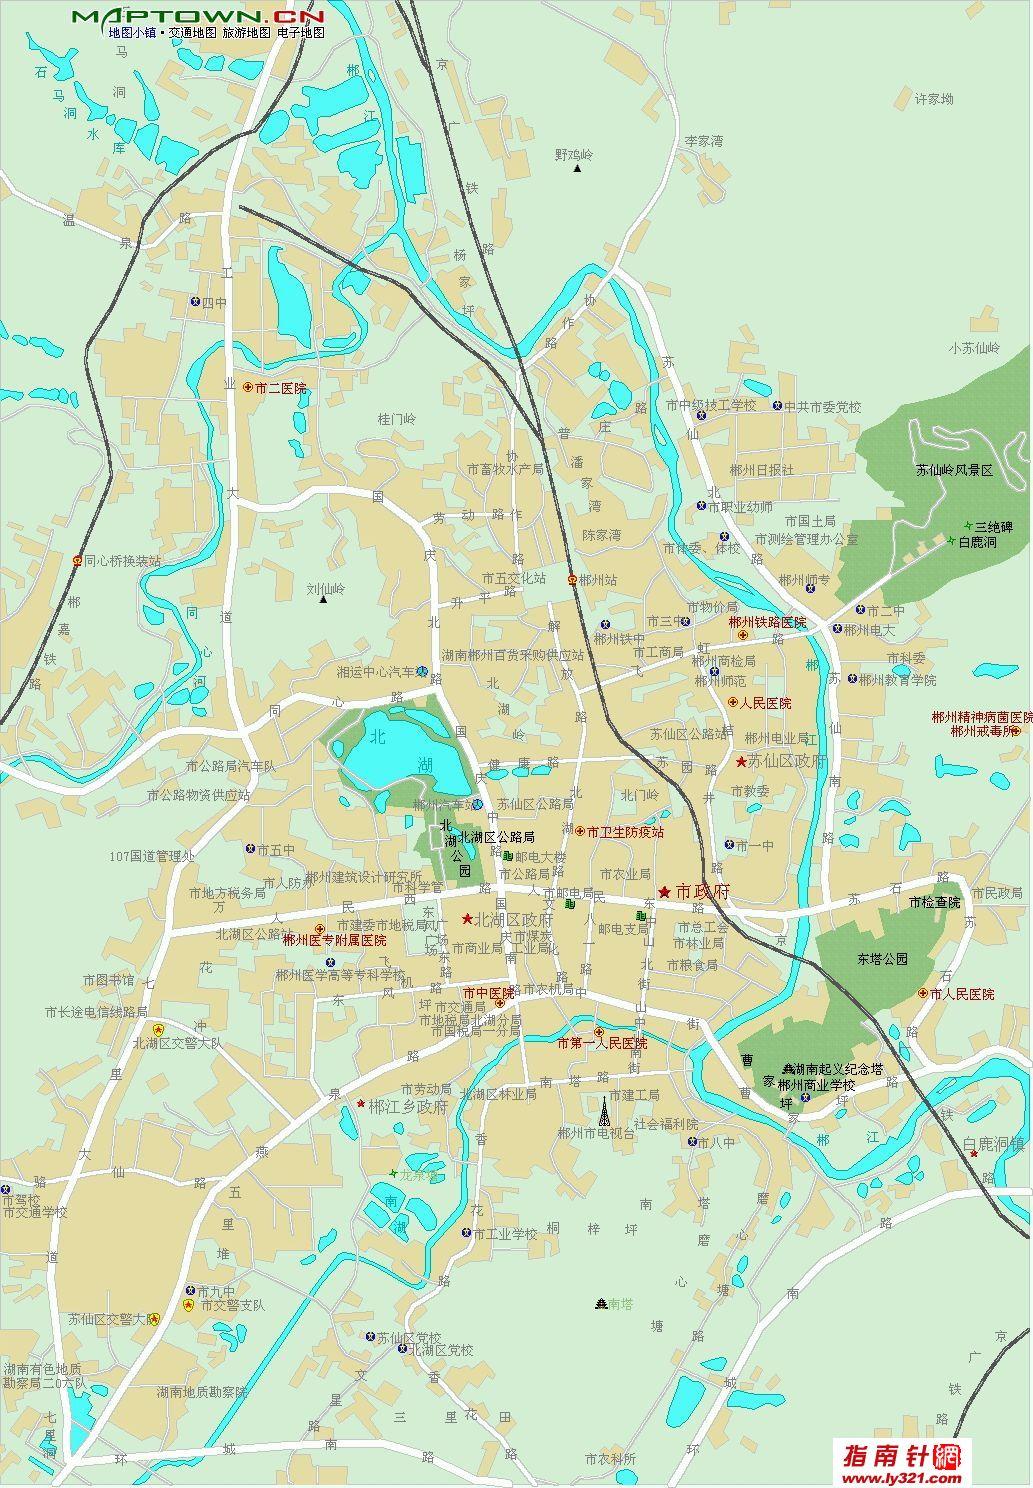 湖南郴州宜章县_郴州市地图_郴州市地图高清版_微信公众号文章